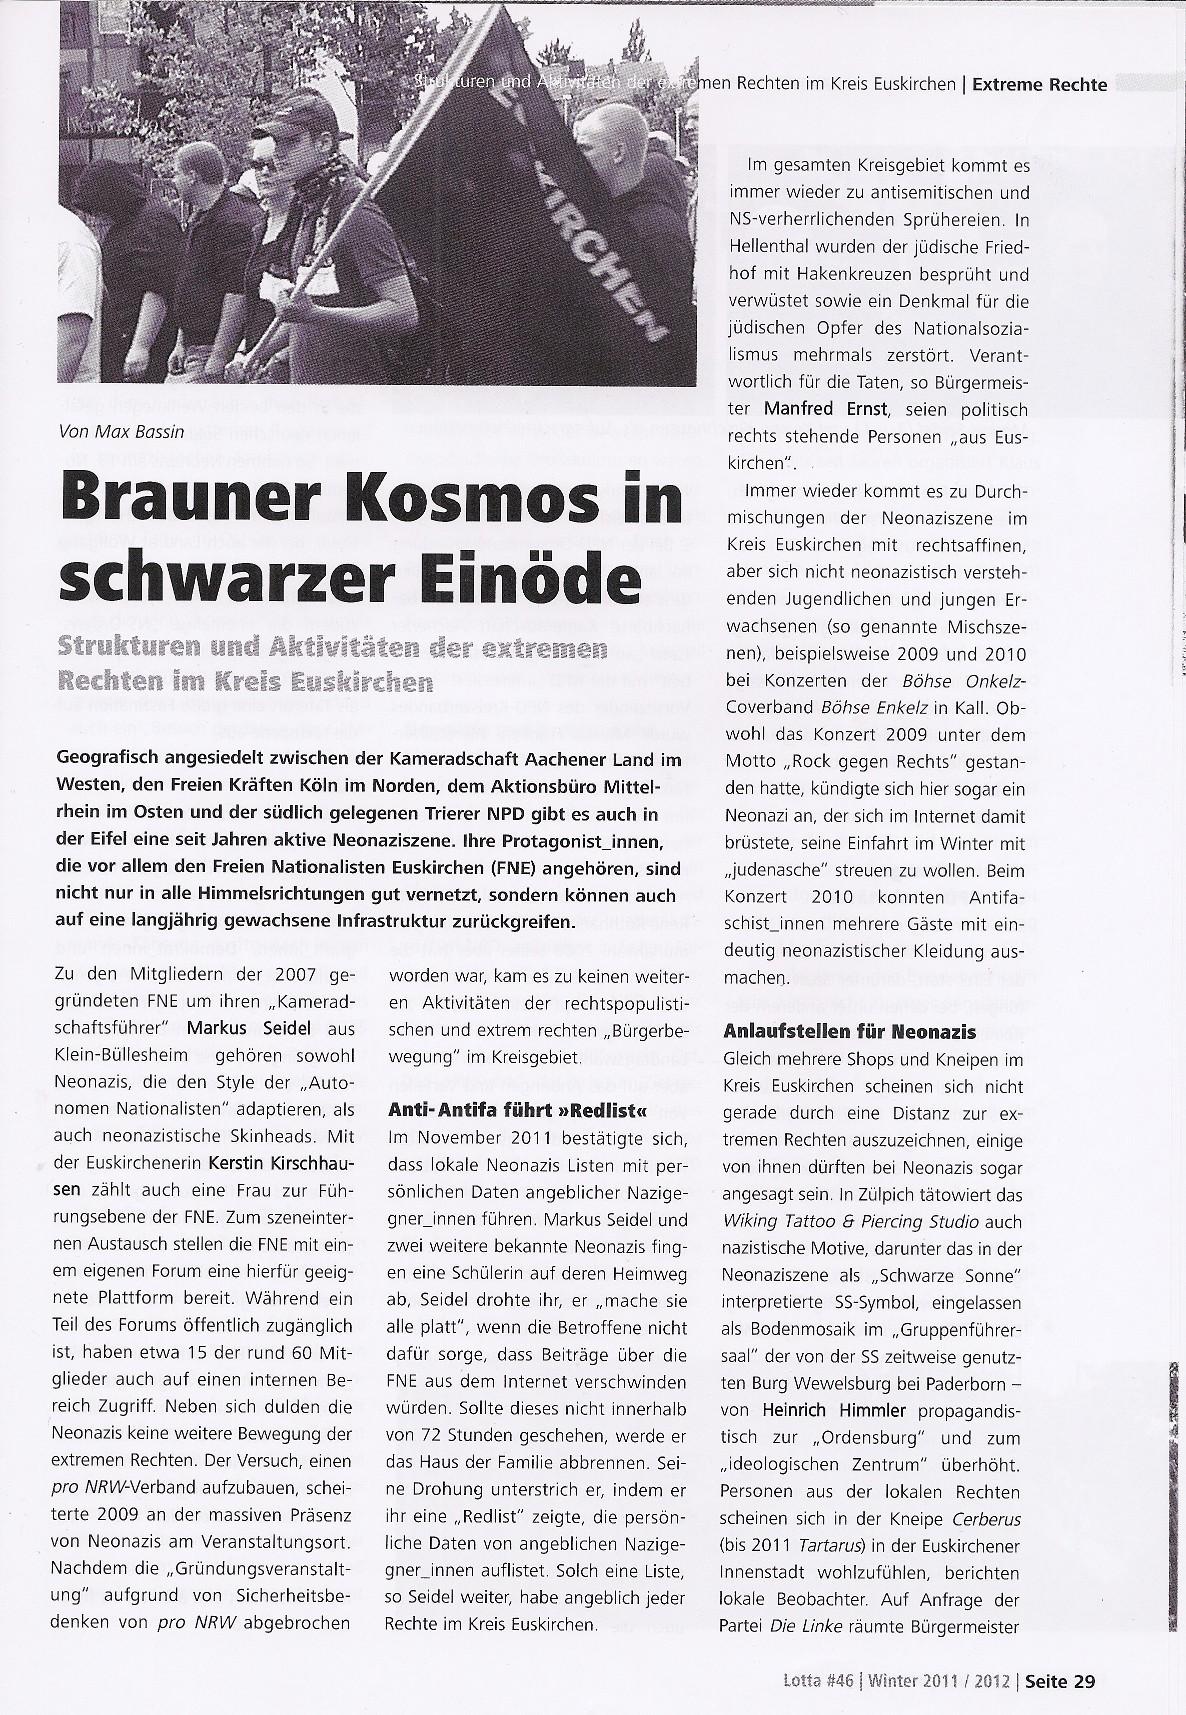 Brauner Kosmos in schwarzer Einöde - Strukturen und Aktivitäten der extremen Rechten im Kreis Euskirchen